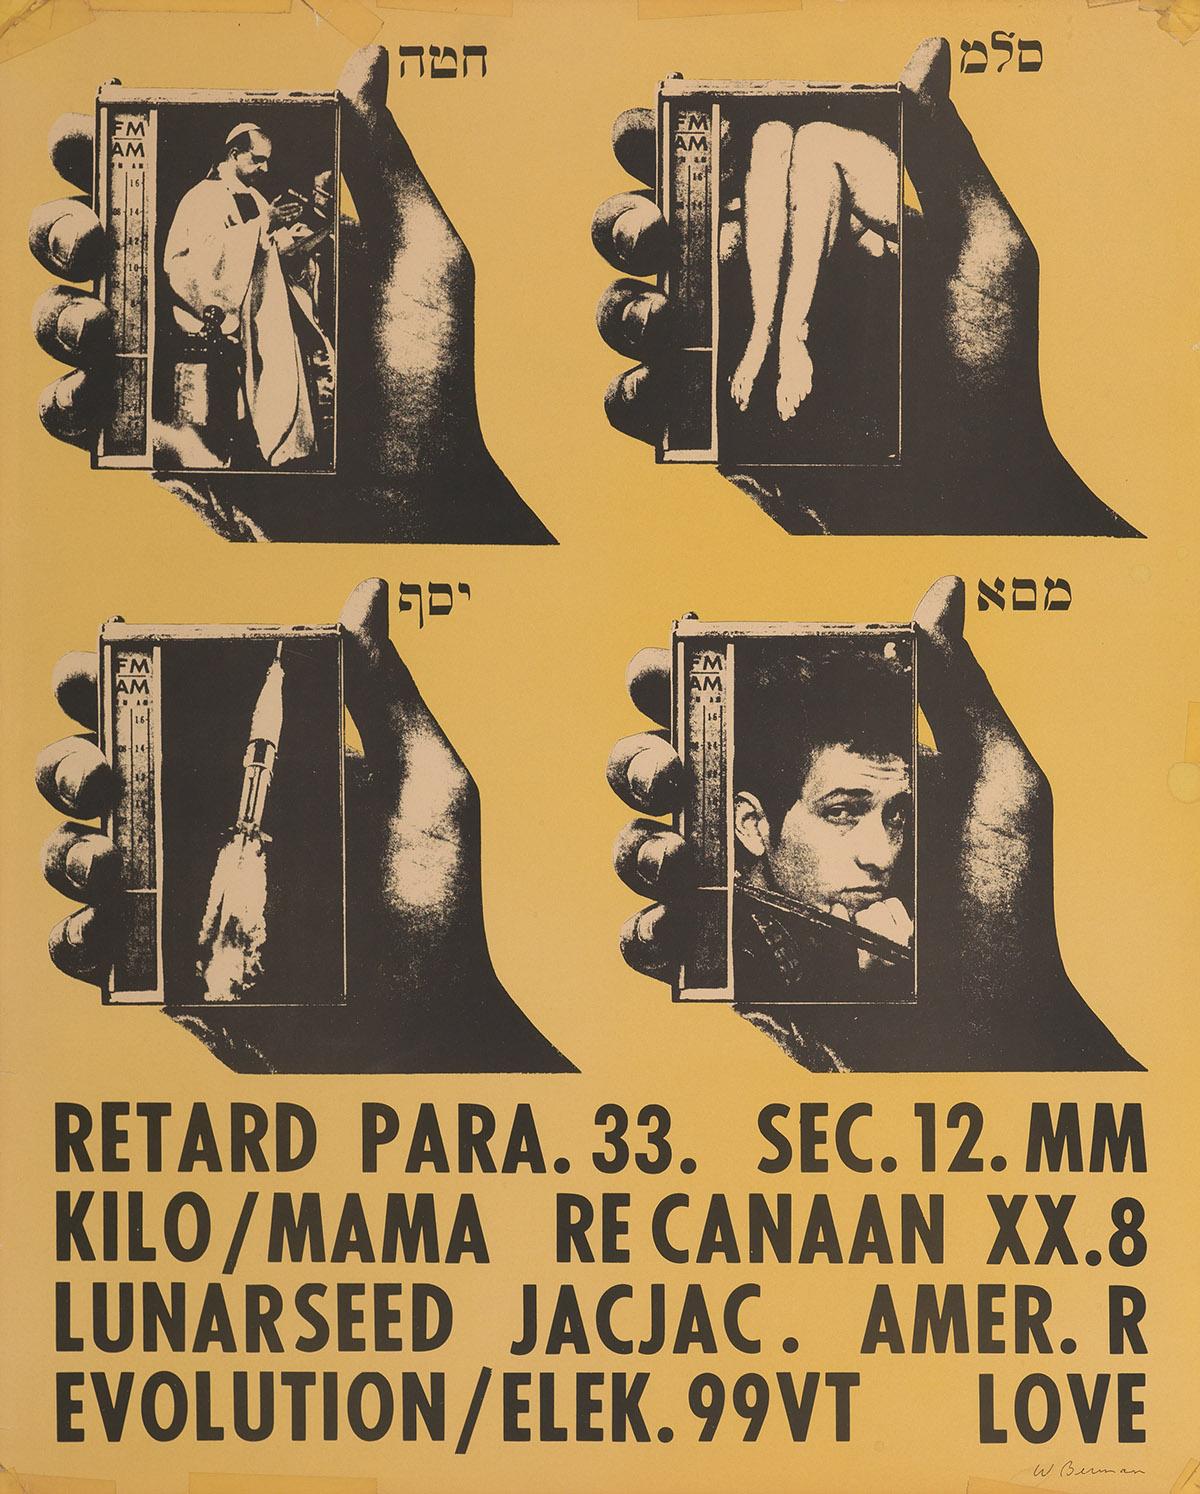 WALLACE-BERMAN-(1926-1976)-[SOUND-SERIES]--RETARD-PARA-33-19